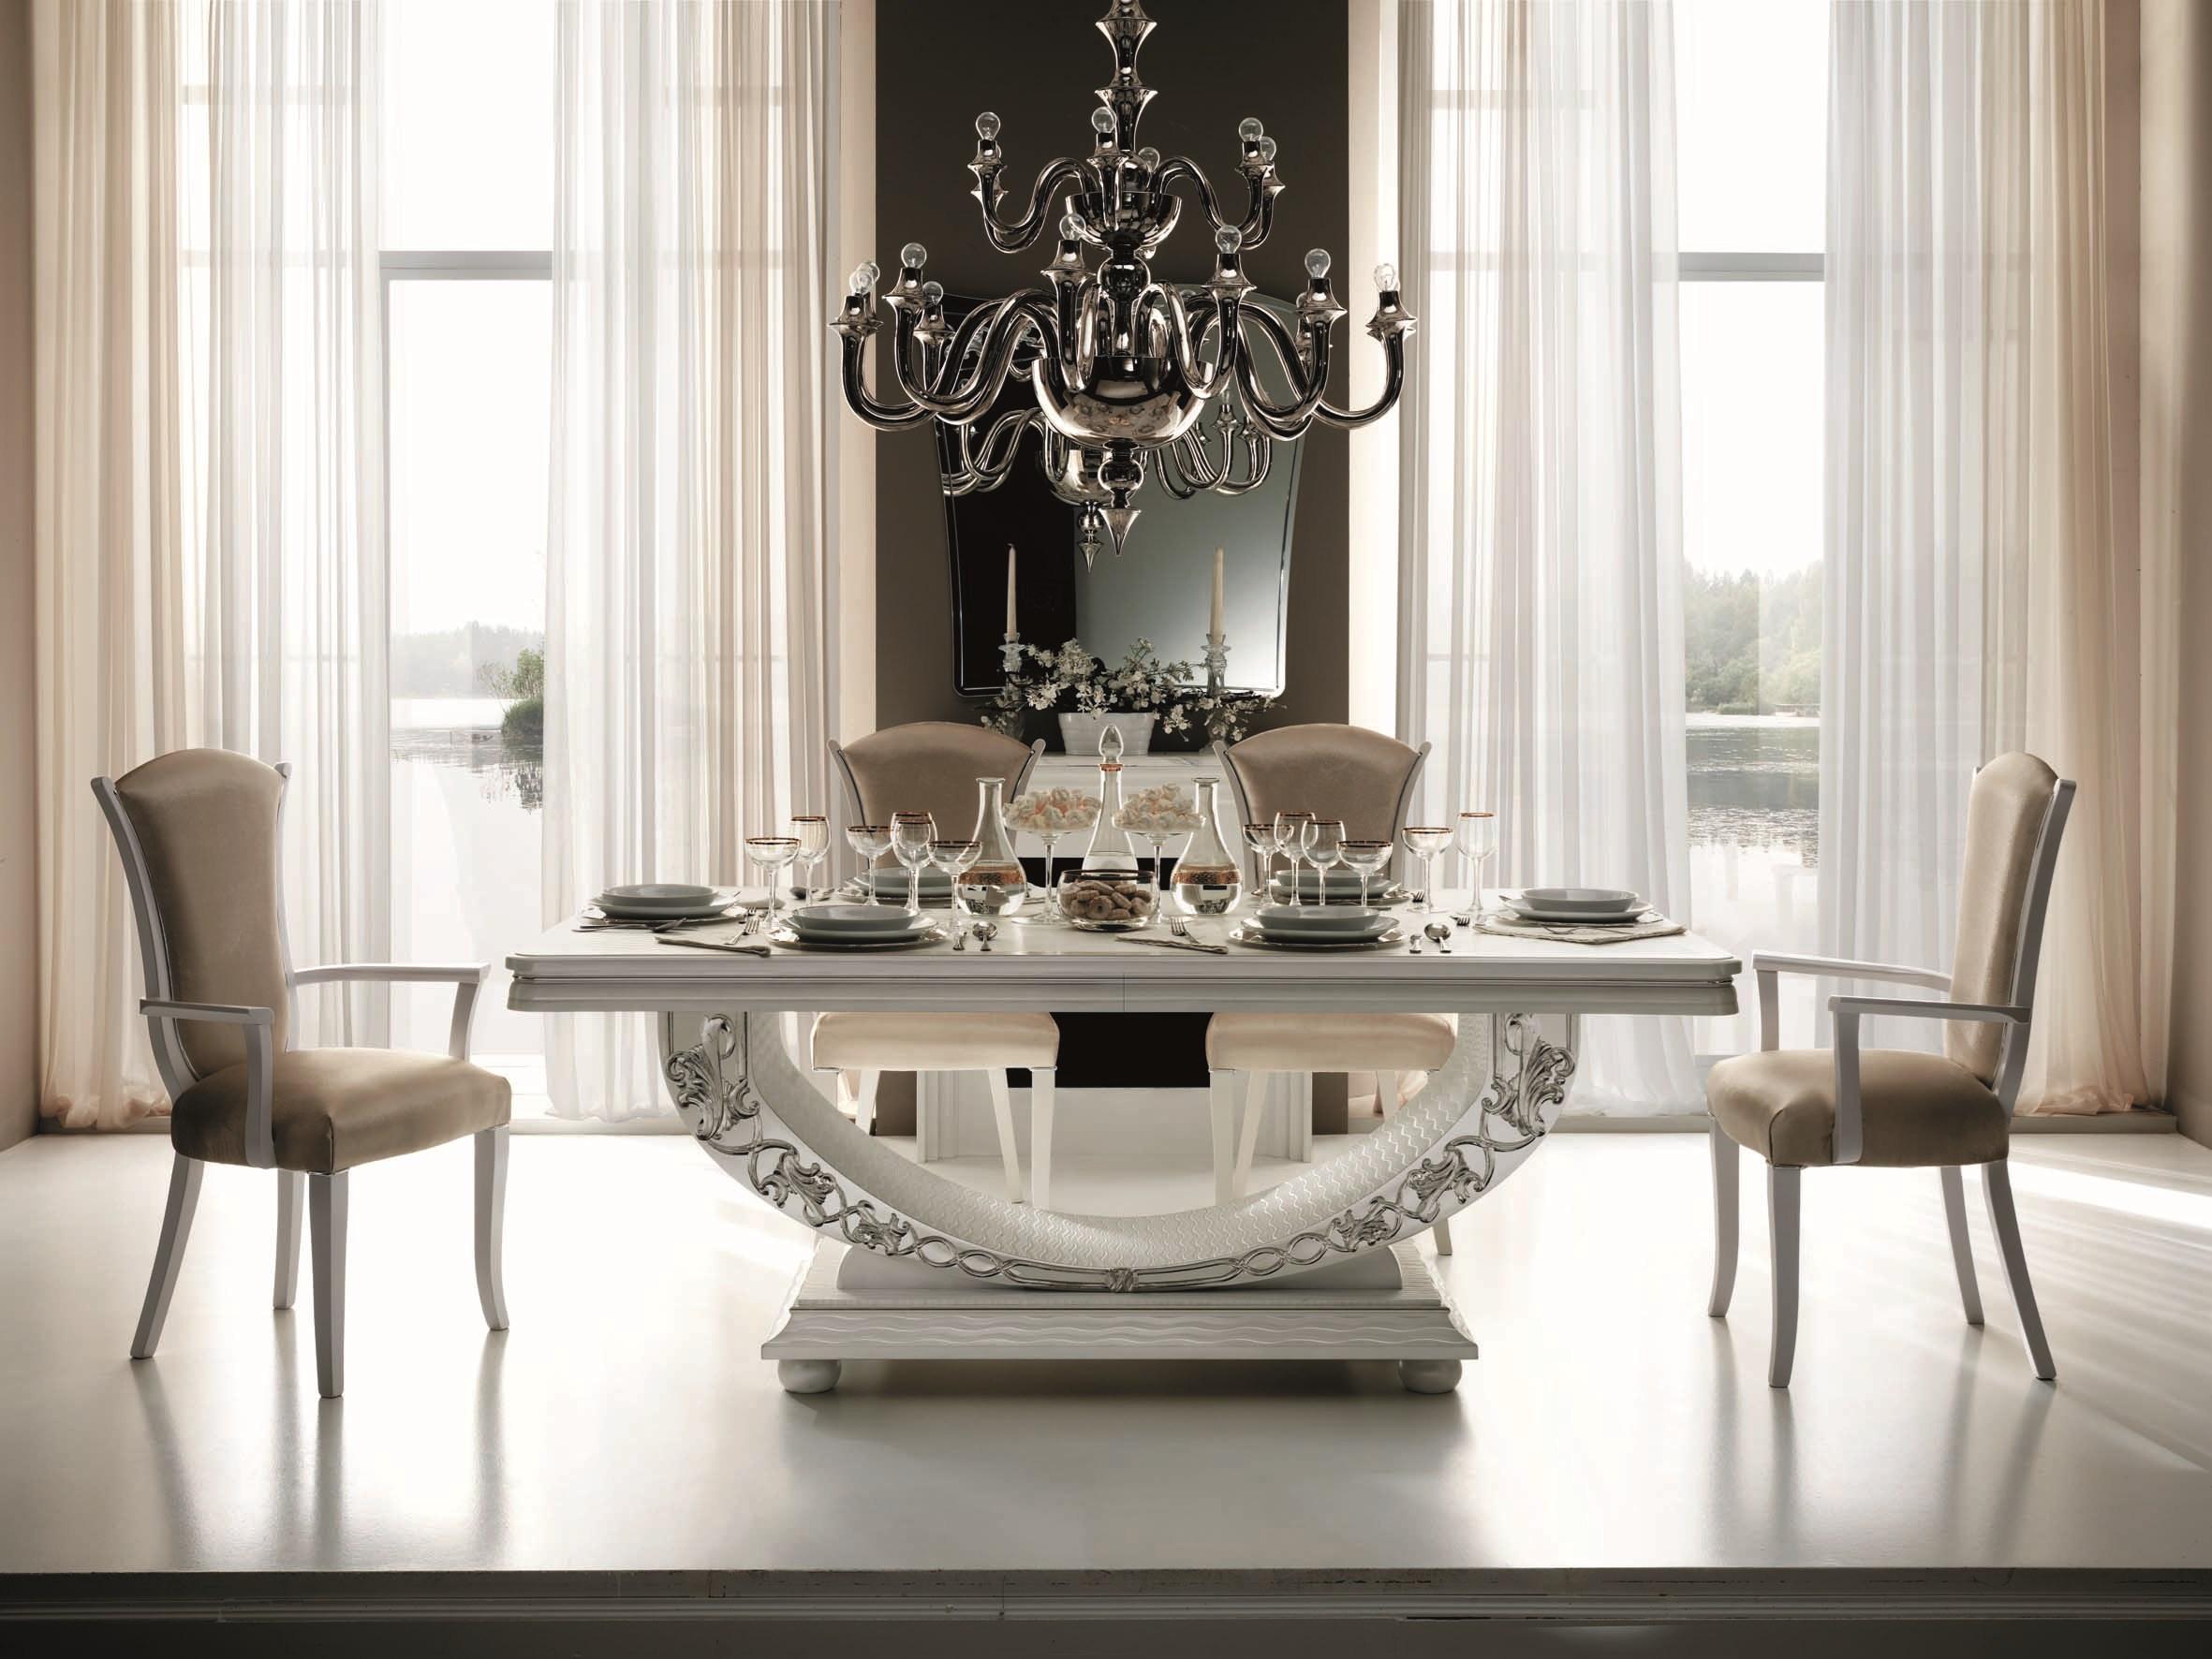 La sala da pranzo neo classica: 15 idee per ispirarsi! Buona ...